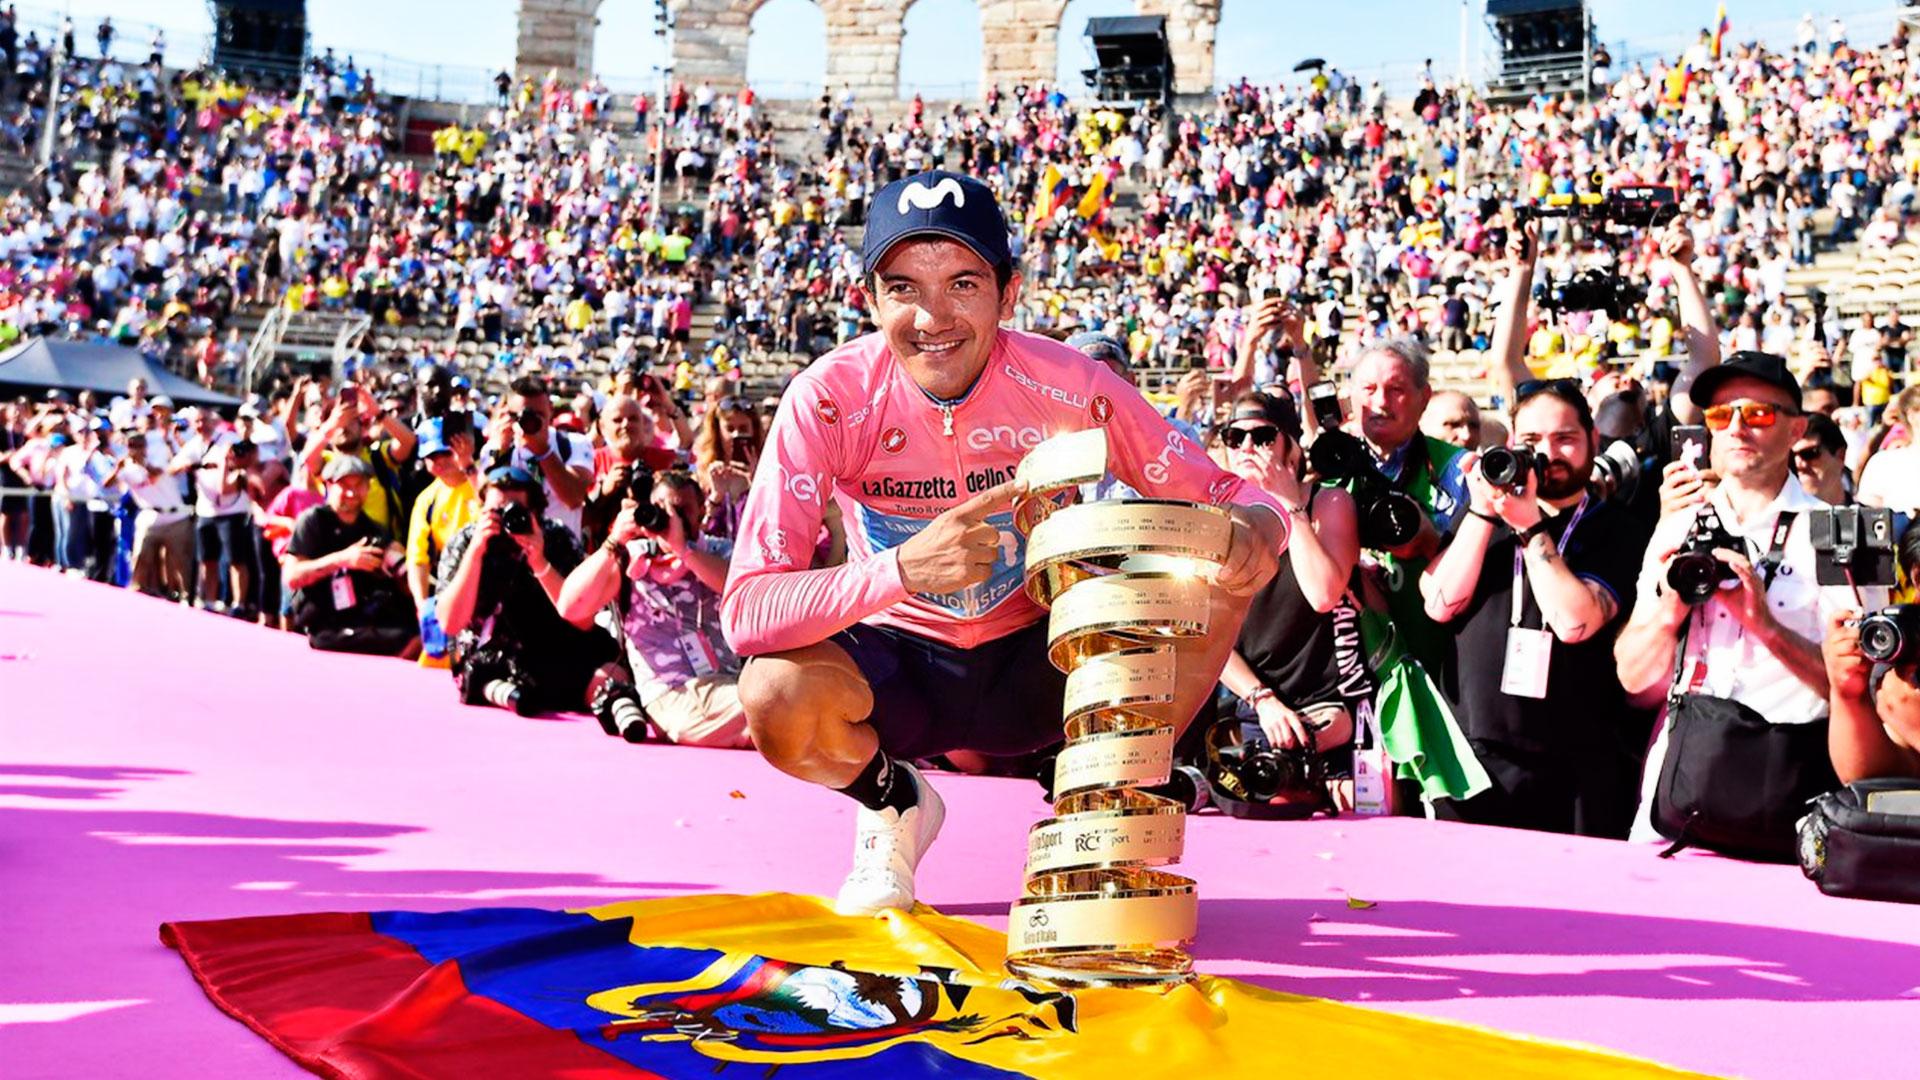 Richard Carapaz é campeão do Giro d'Italia 2019